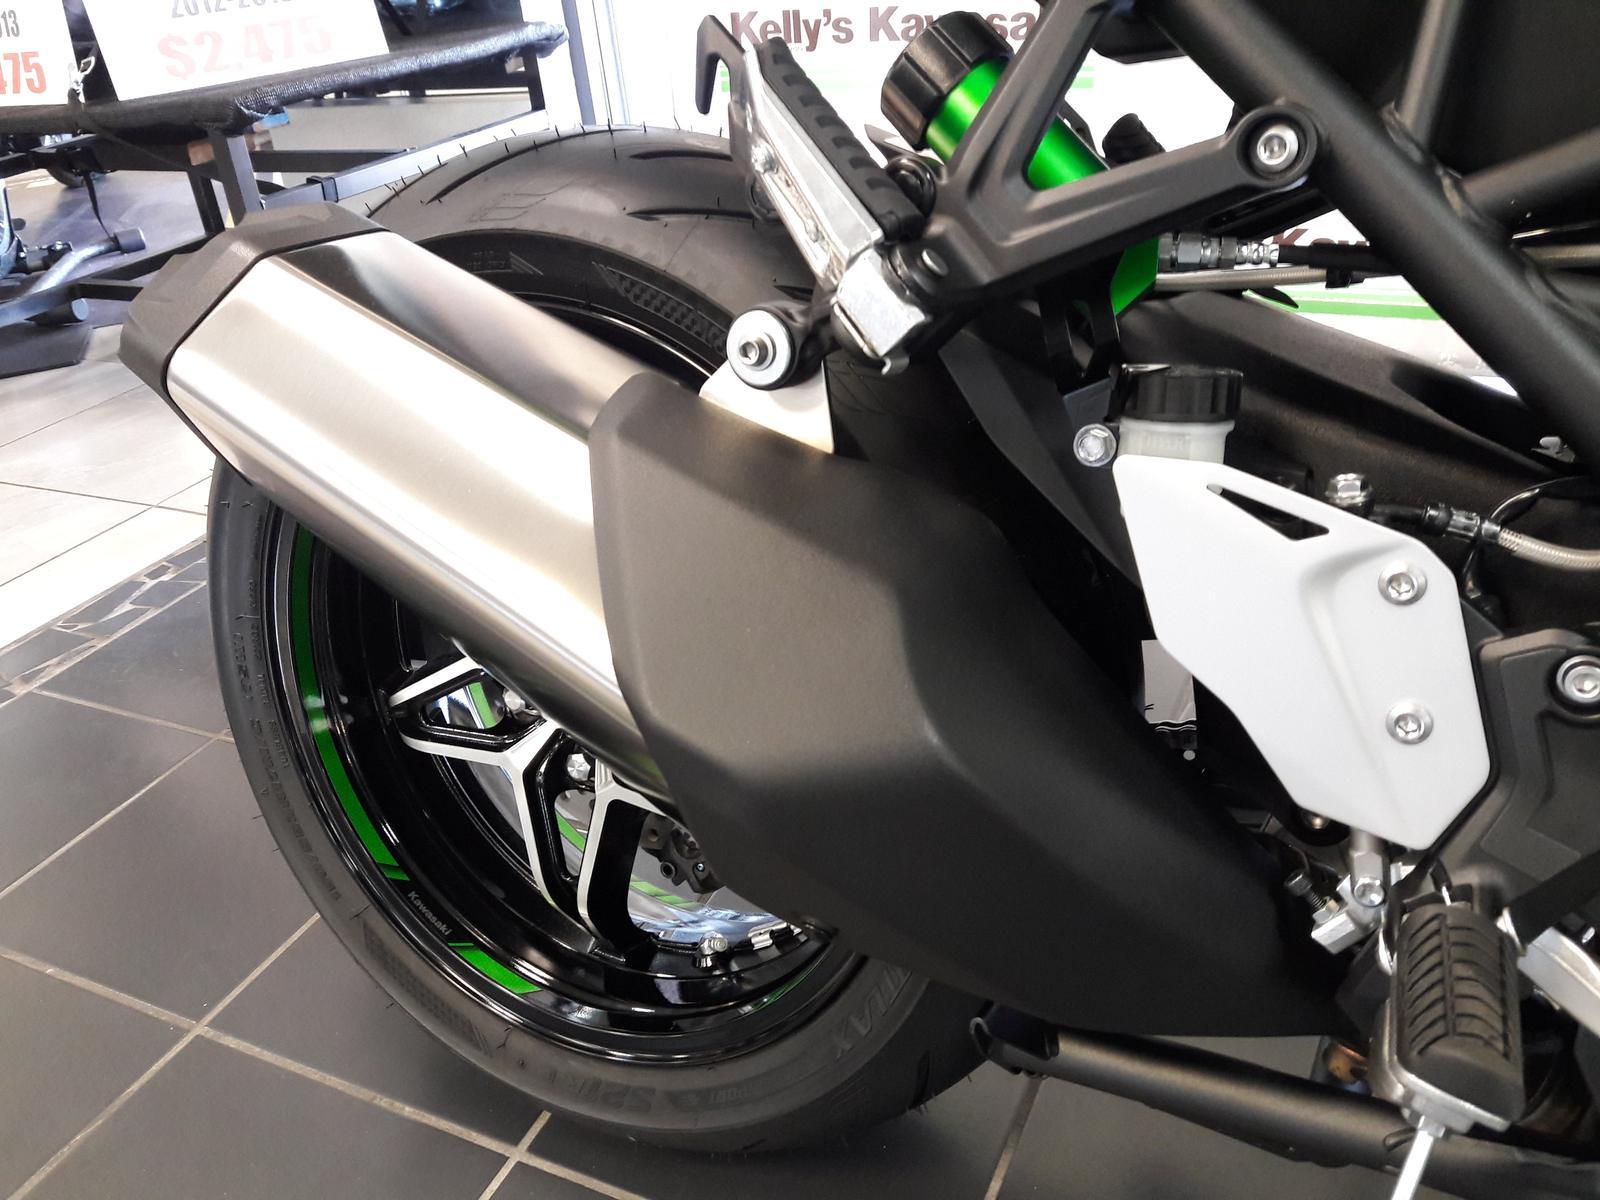 2018 Kawasaki Ninja H2 SX SE 4